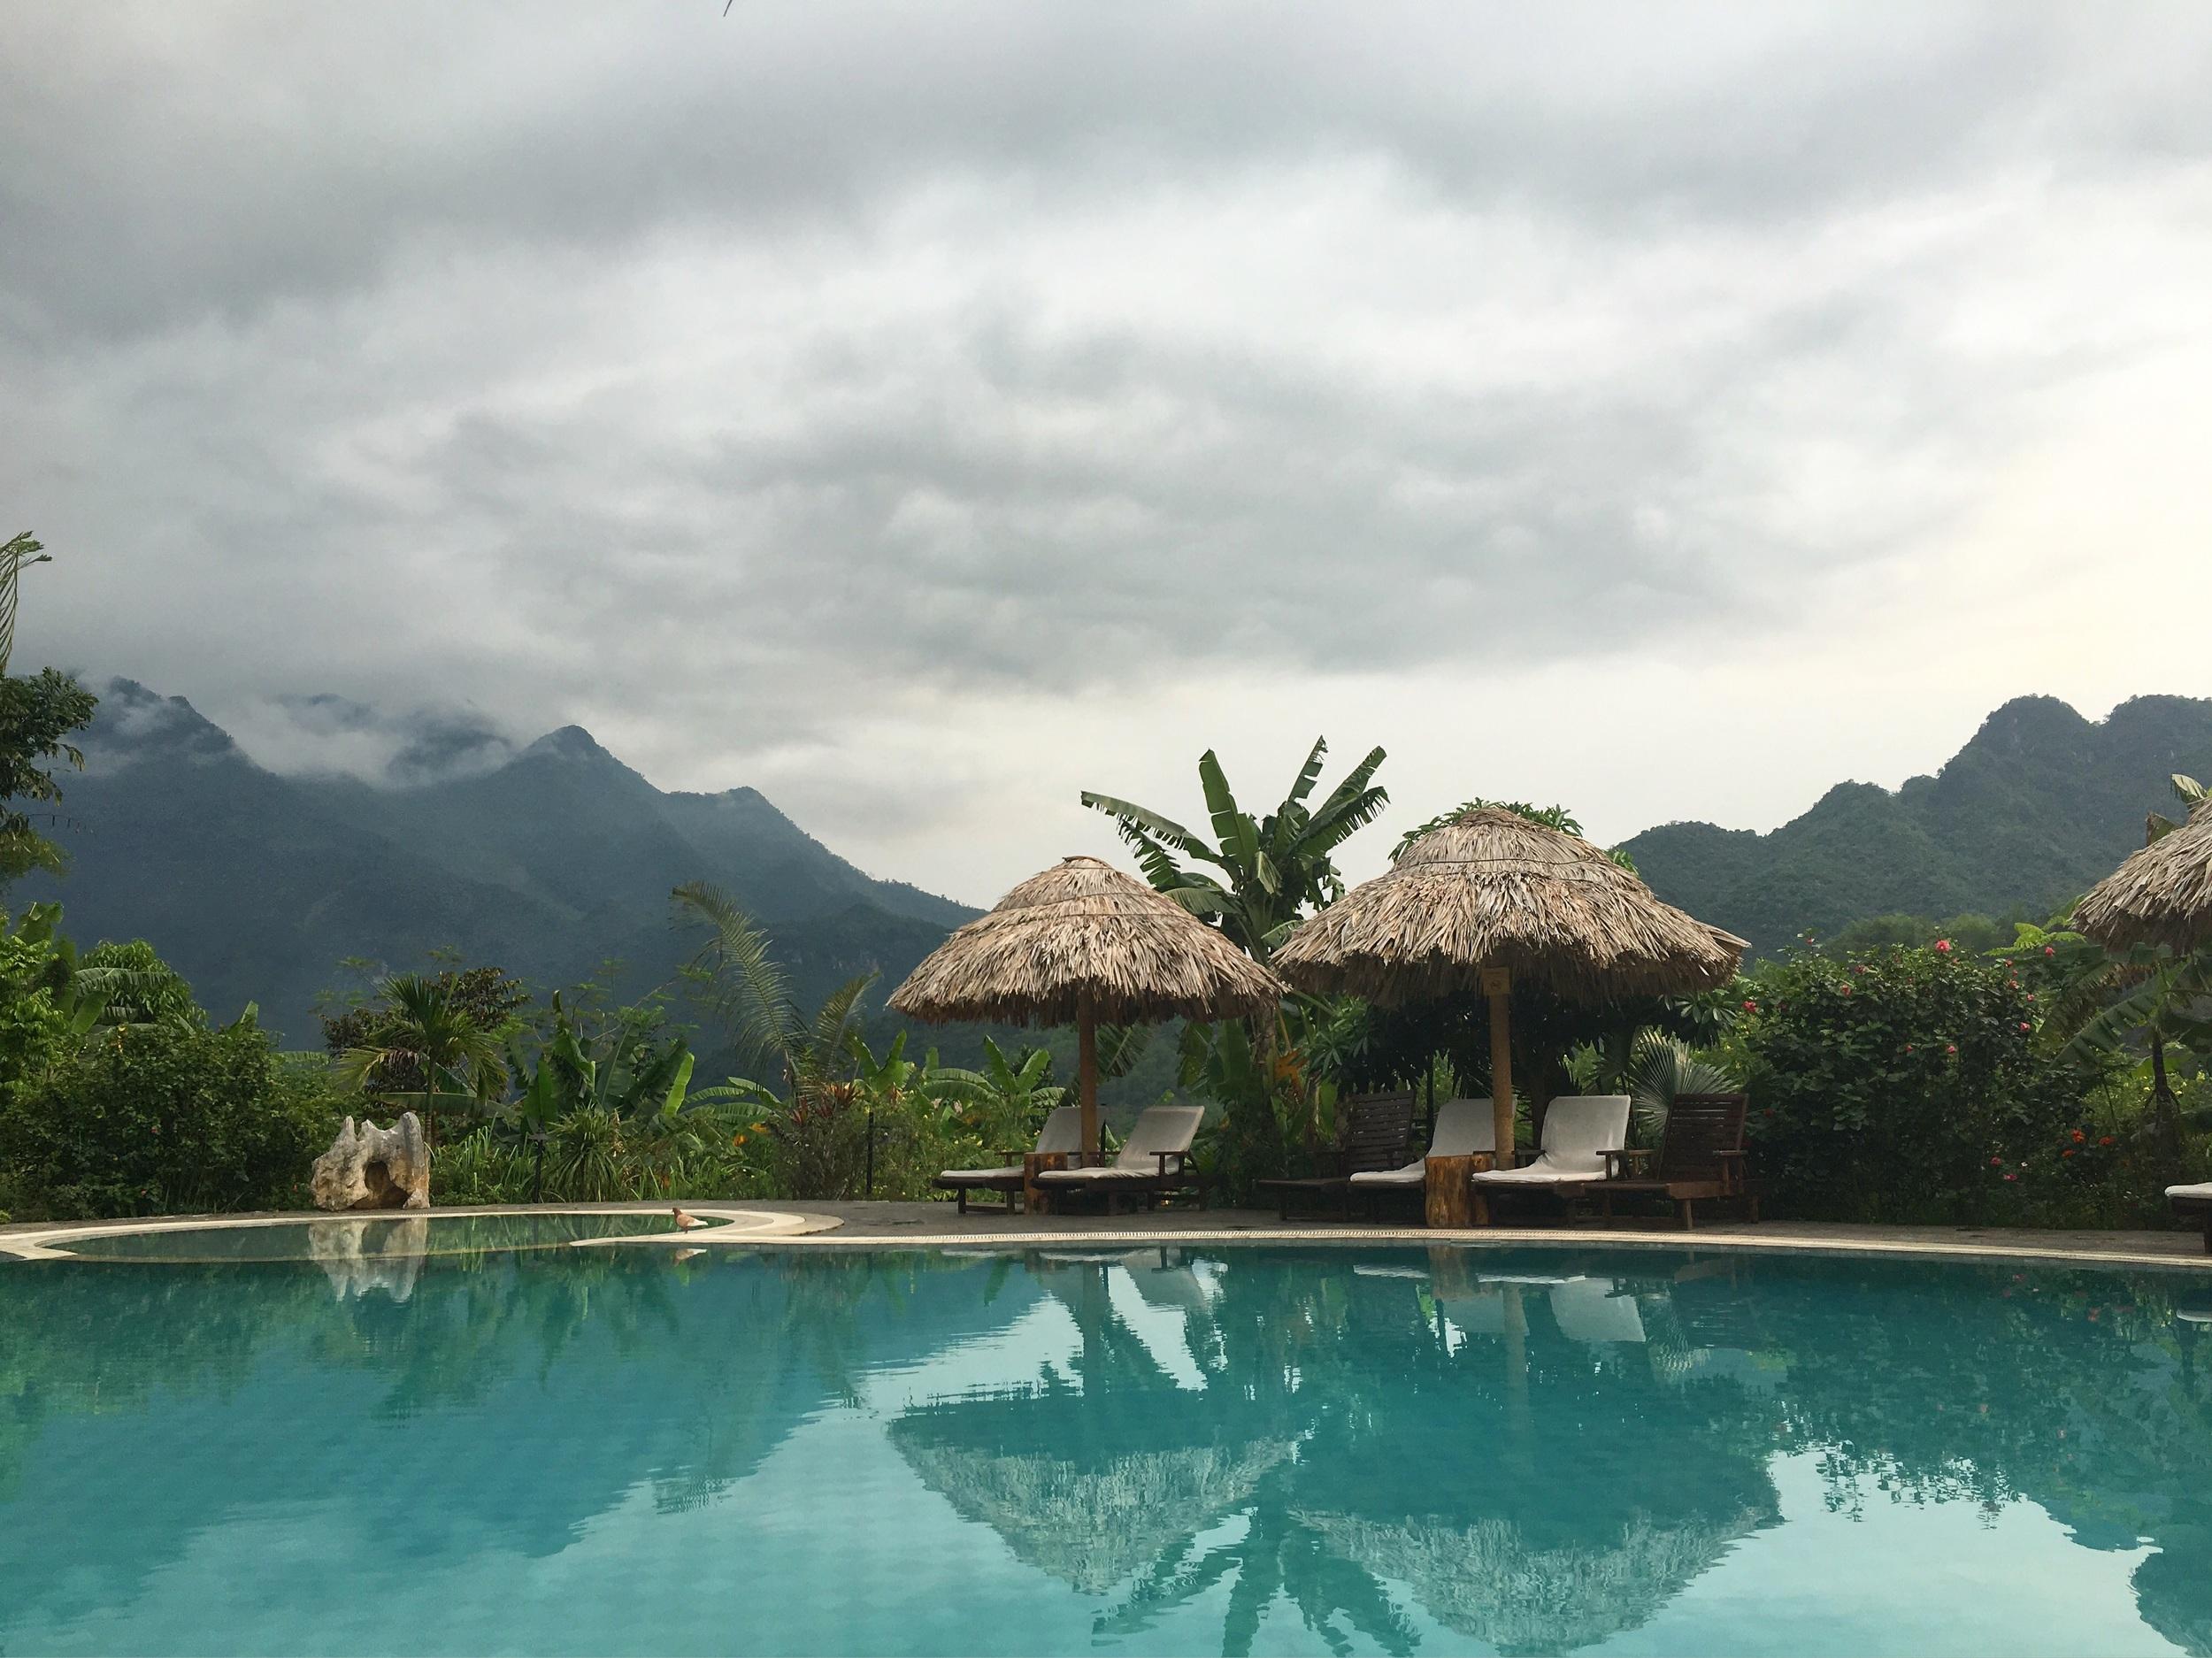 Mai Chau Ecolodge pool, before a storm.